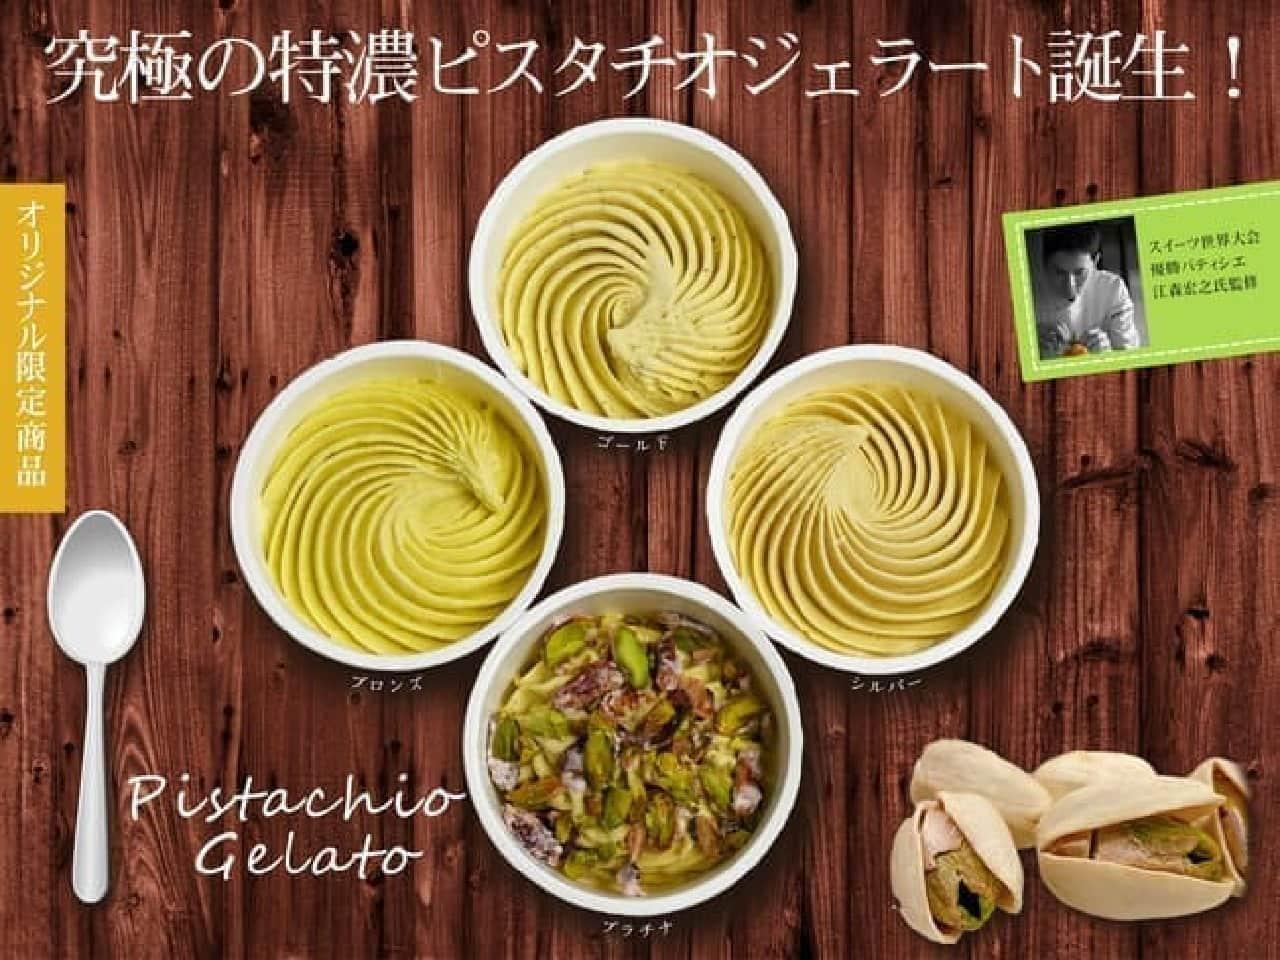 究極の特濃ピスタチオジェラート4段階食べくらべセット(8個入り)